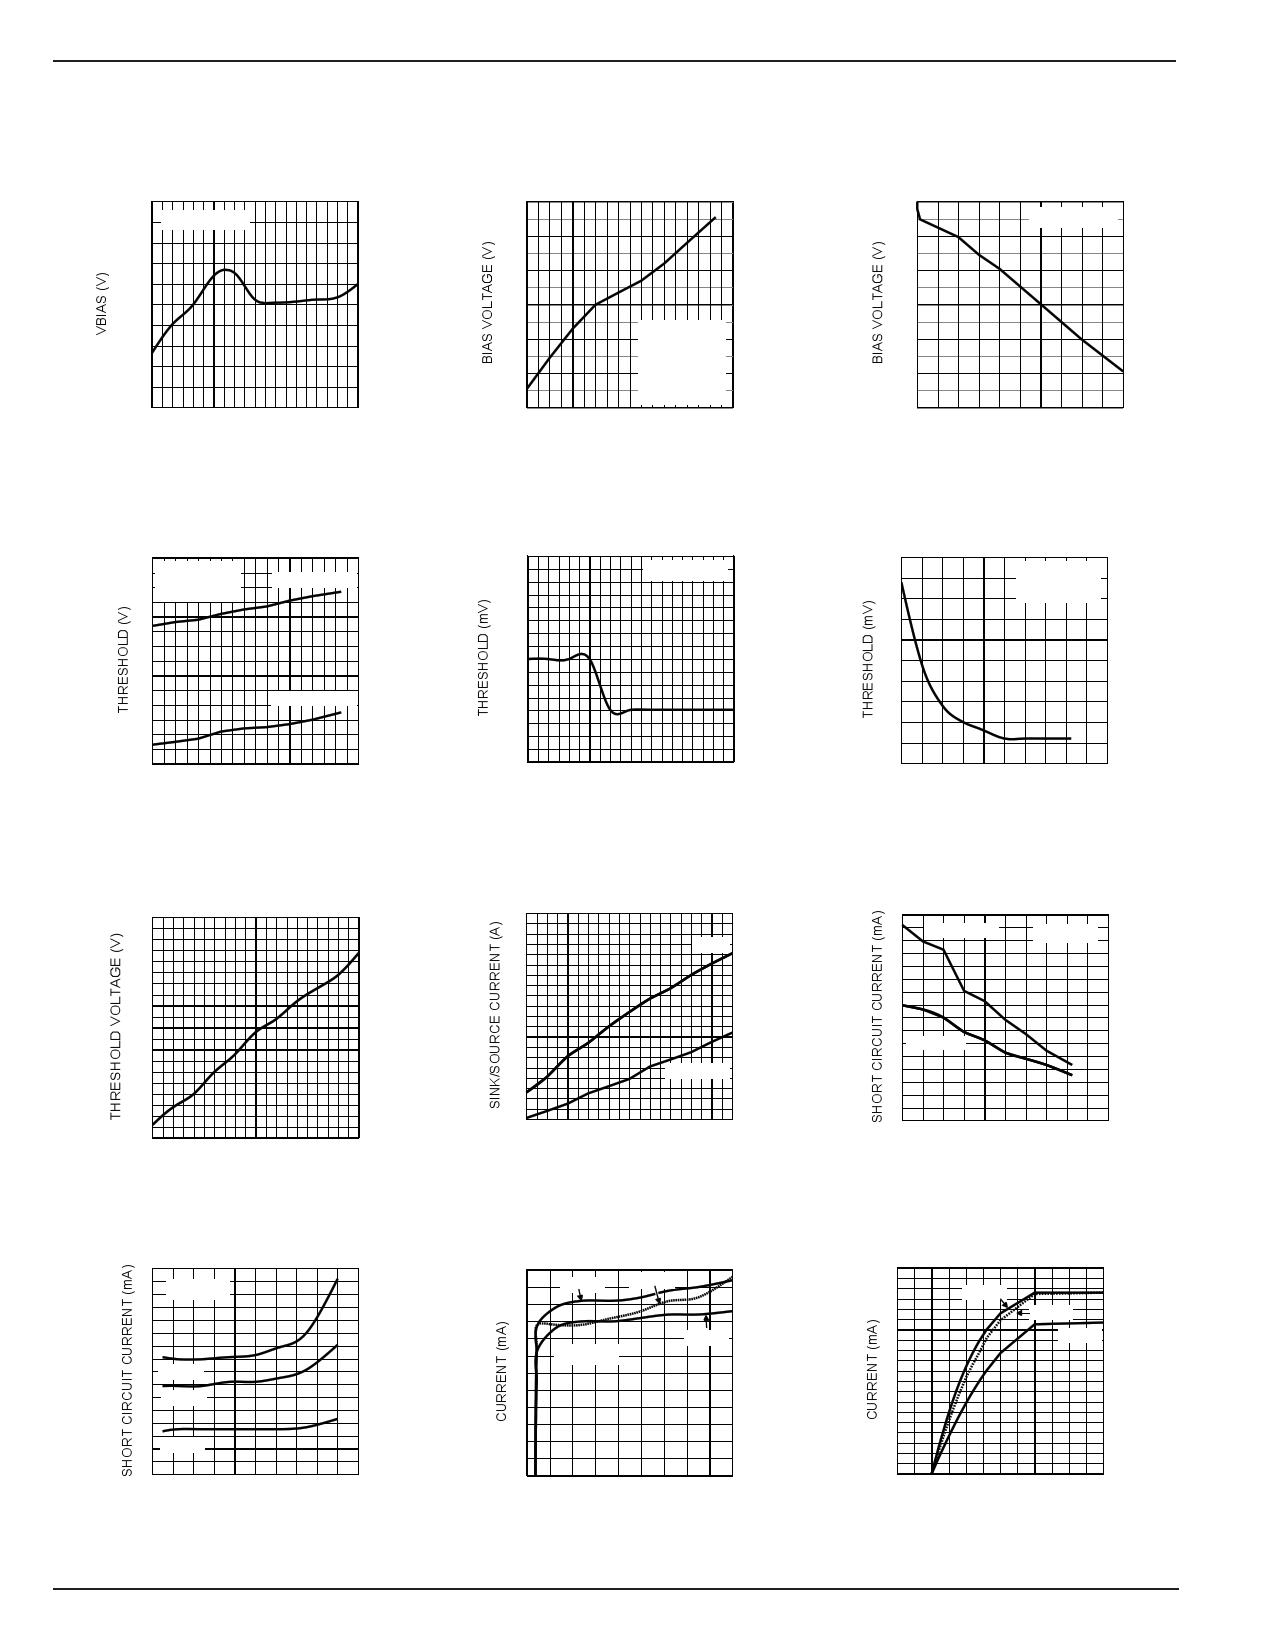 MIC9130 pdf